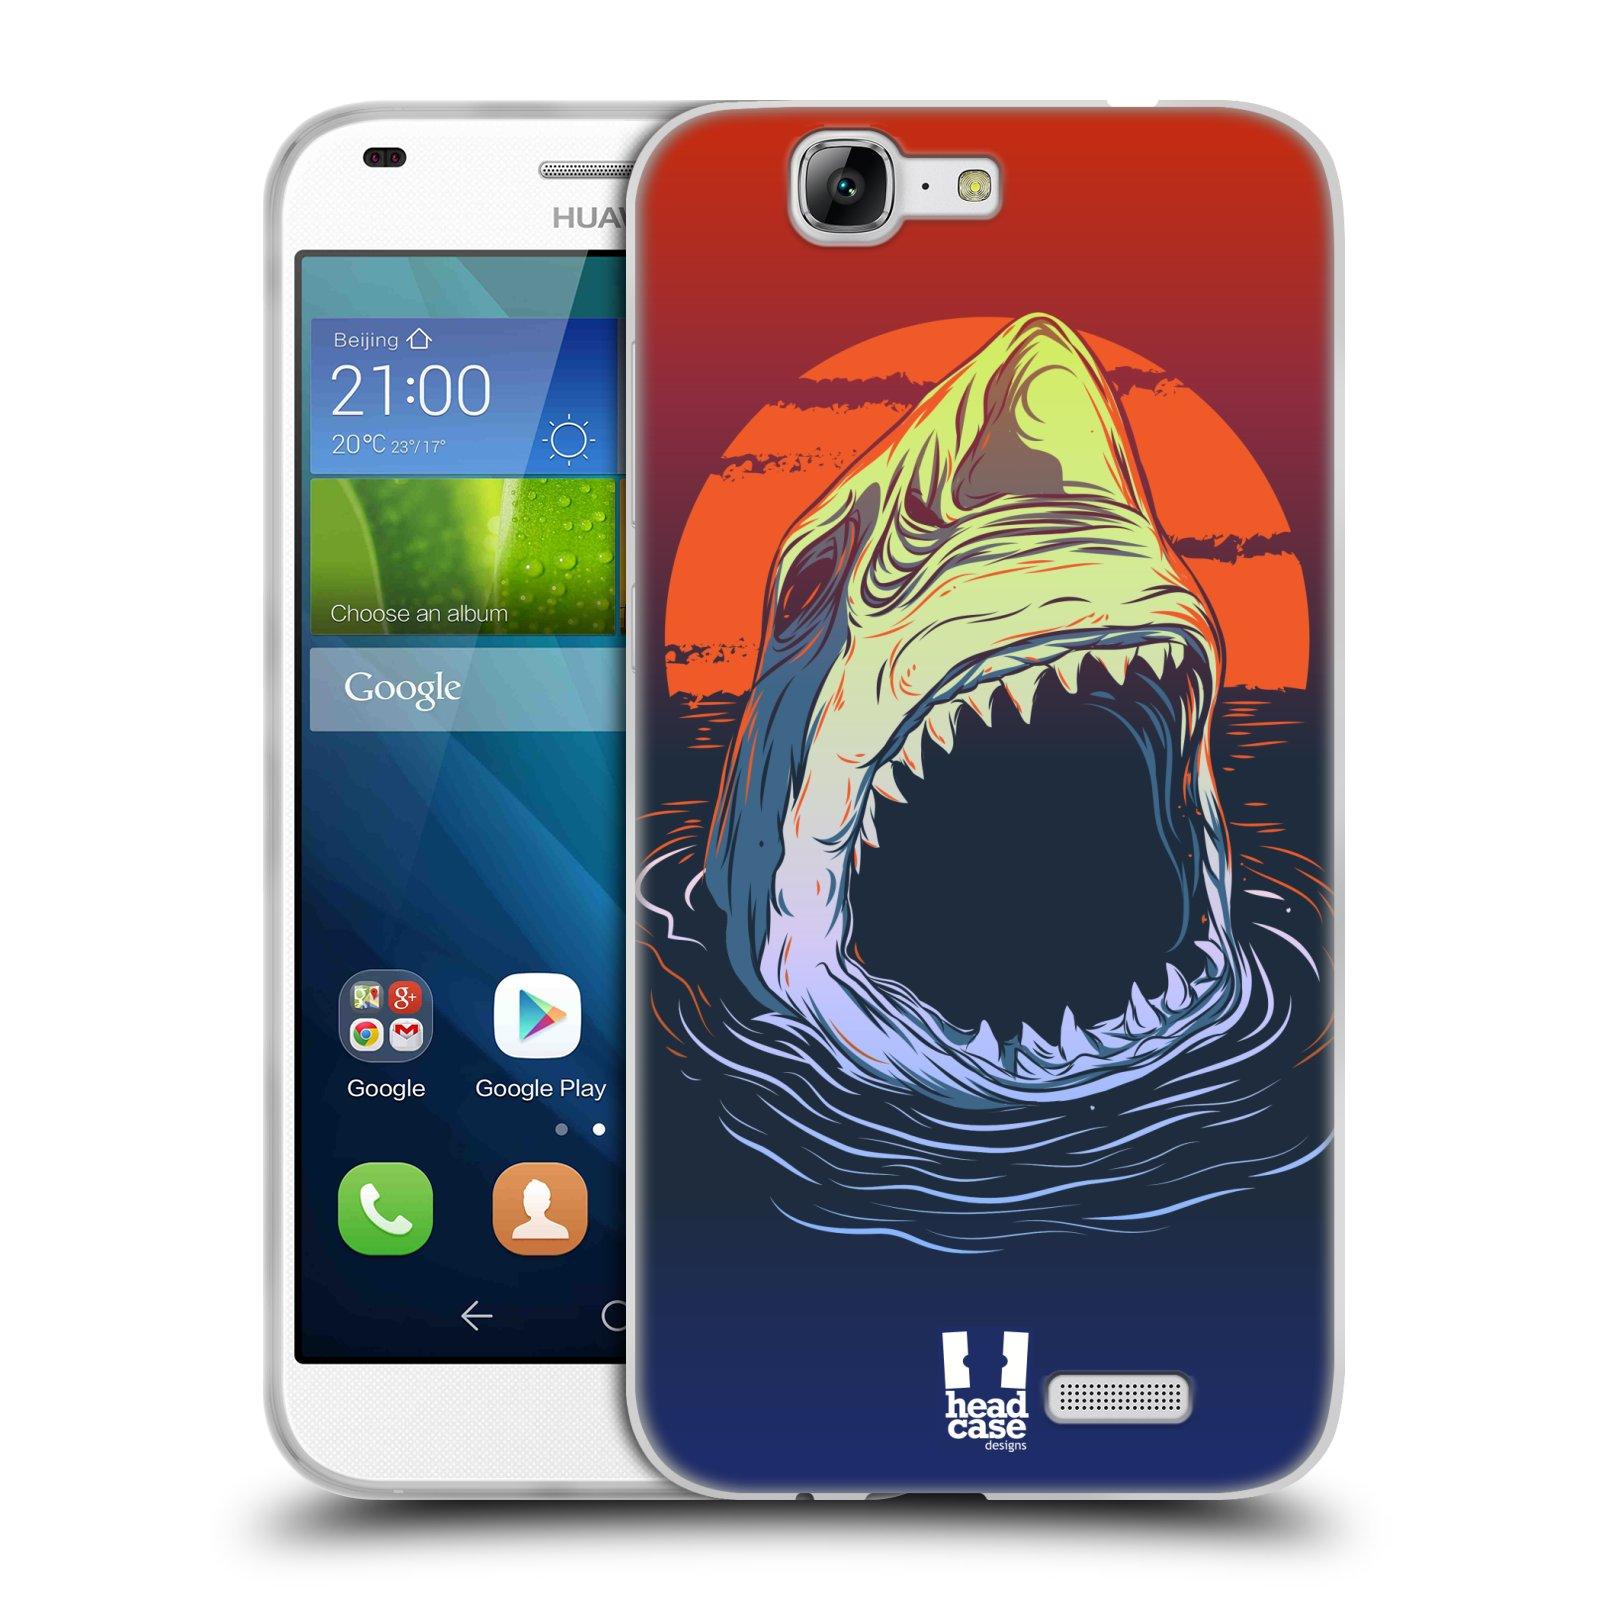 Silikonové pouzdro na mobil Huawei Ascend G7 HEAD CASE HLADOVÝ ŽRALOK (Silikonový kryt či obal na mobilní telefon Huawei Ascend G7)